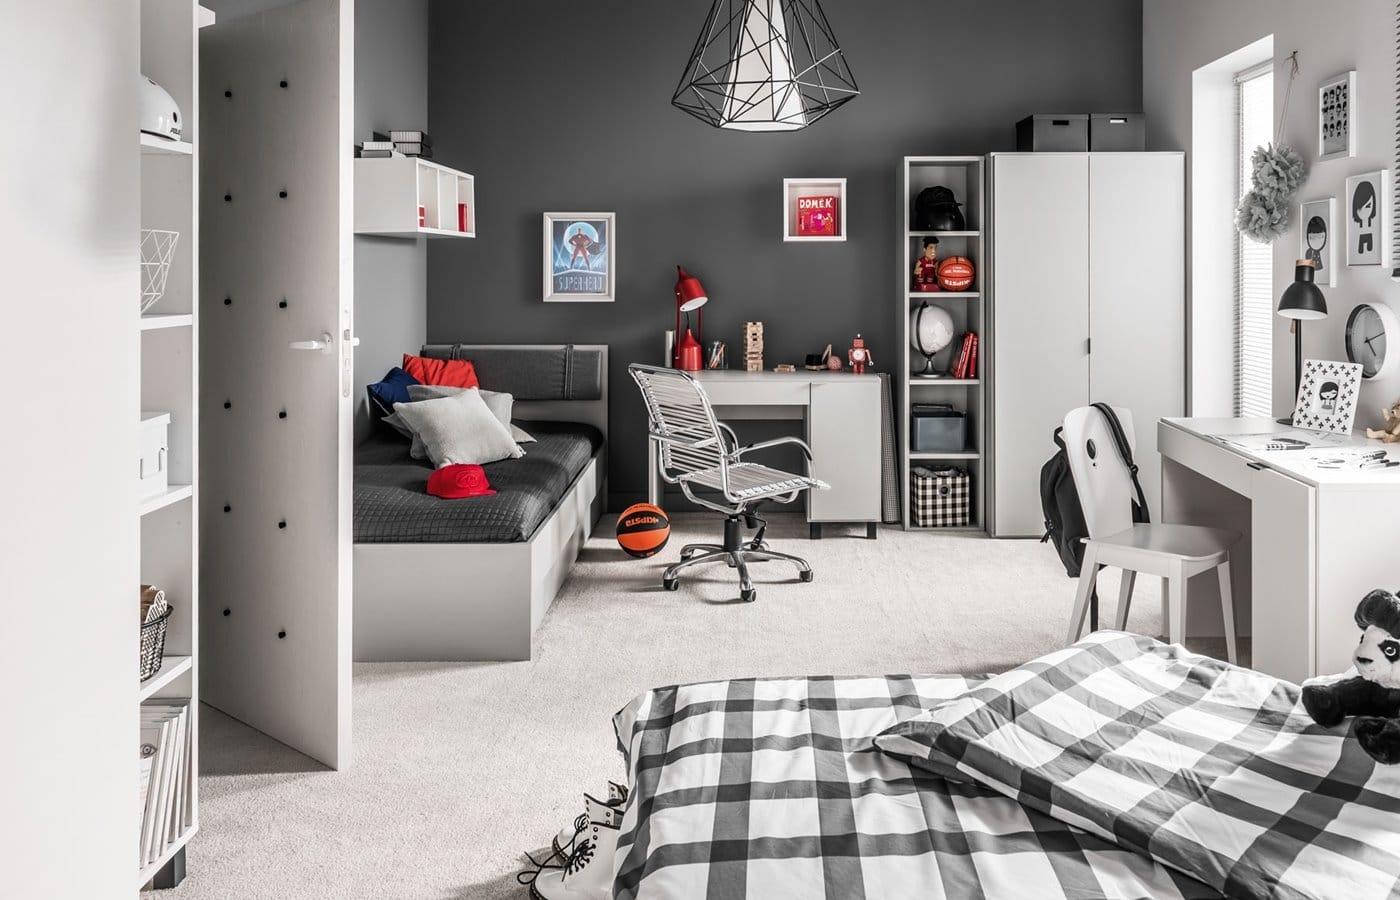 Simple pokój młodzieżowy